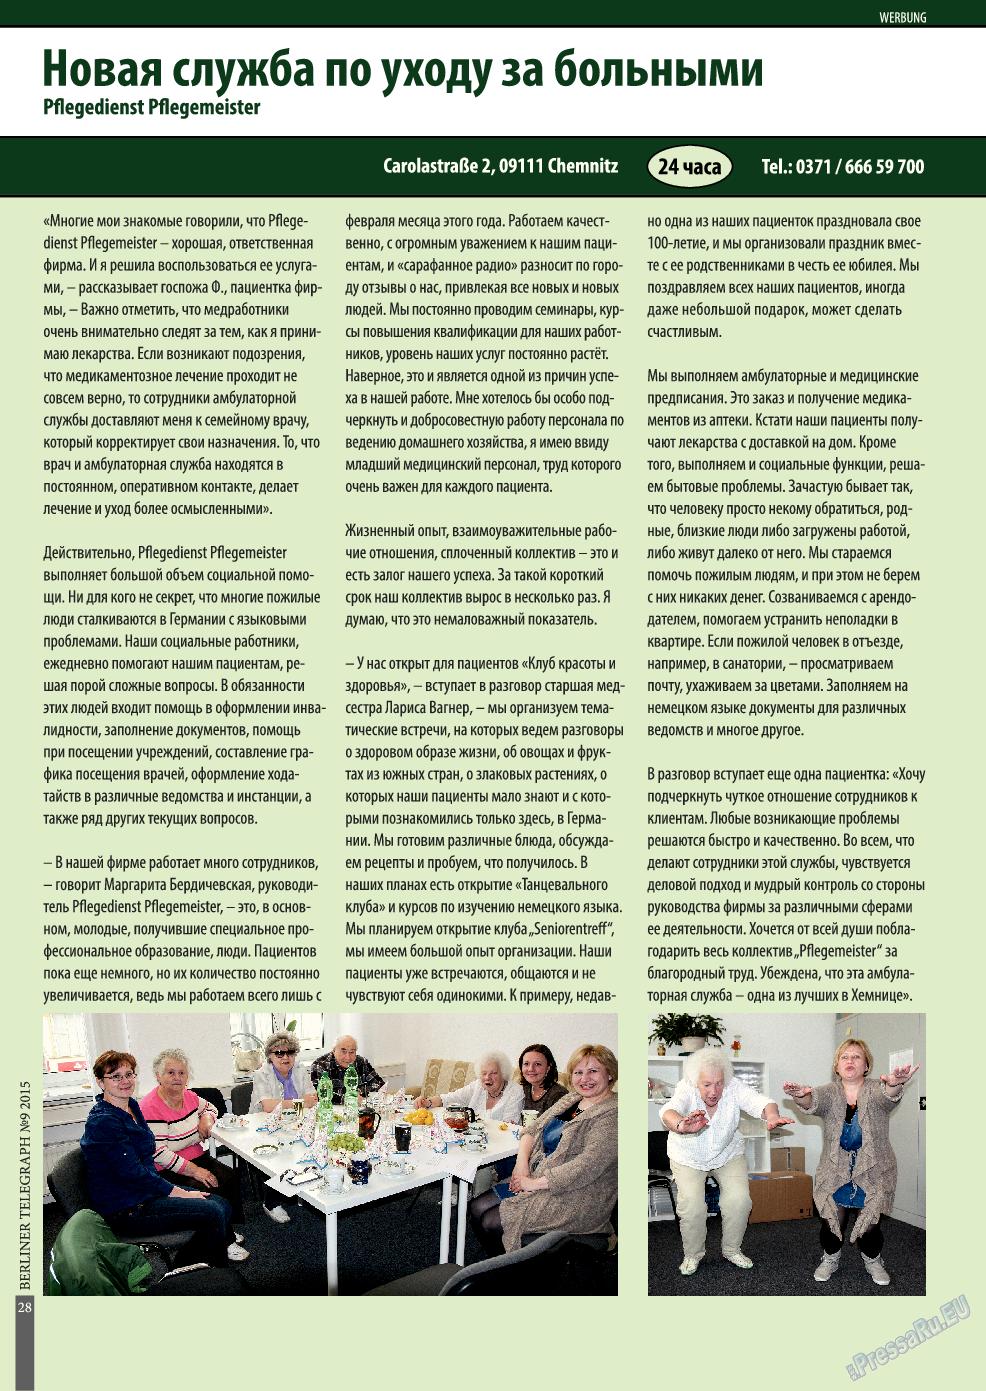 Берлинский телеграф (журнал). 2015 год, номер 10, стр. 28